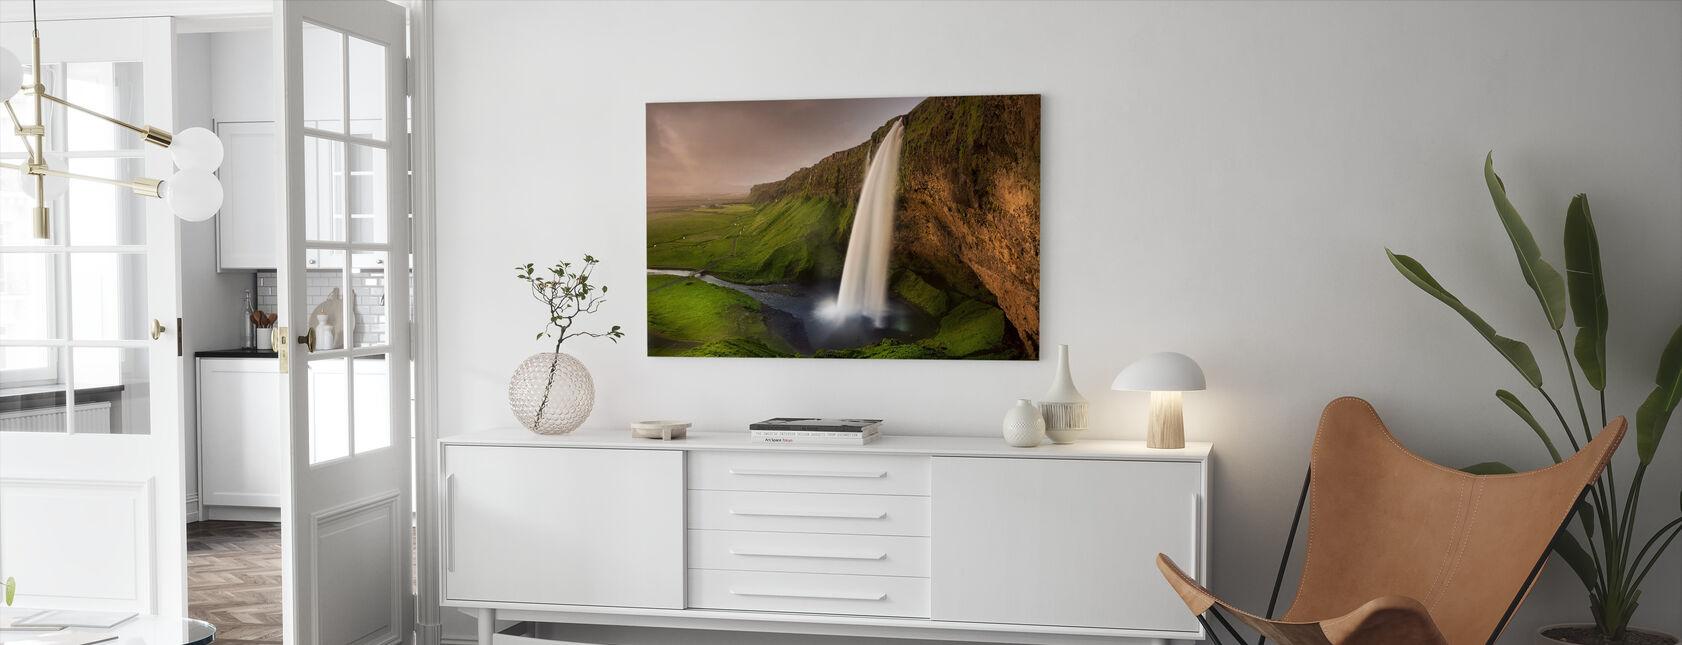 Seljalandsfoss - Leinwandbild - Wohnzimmer